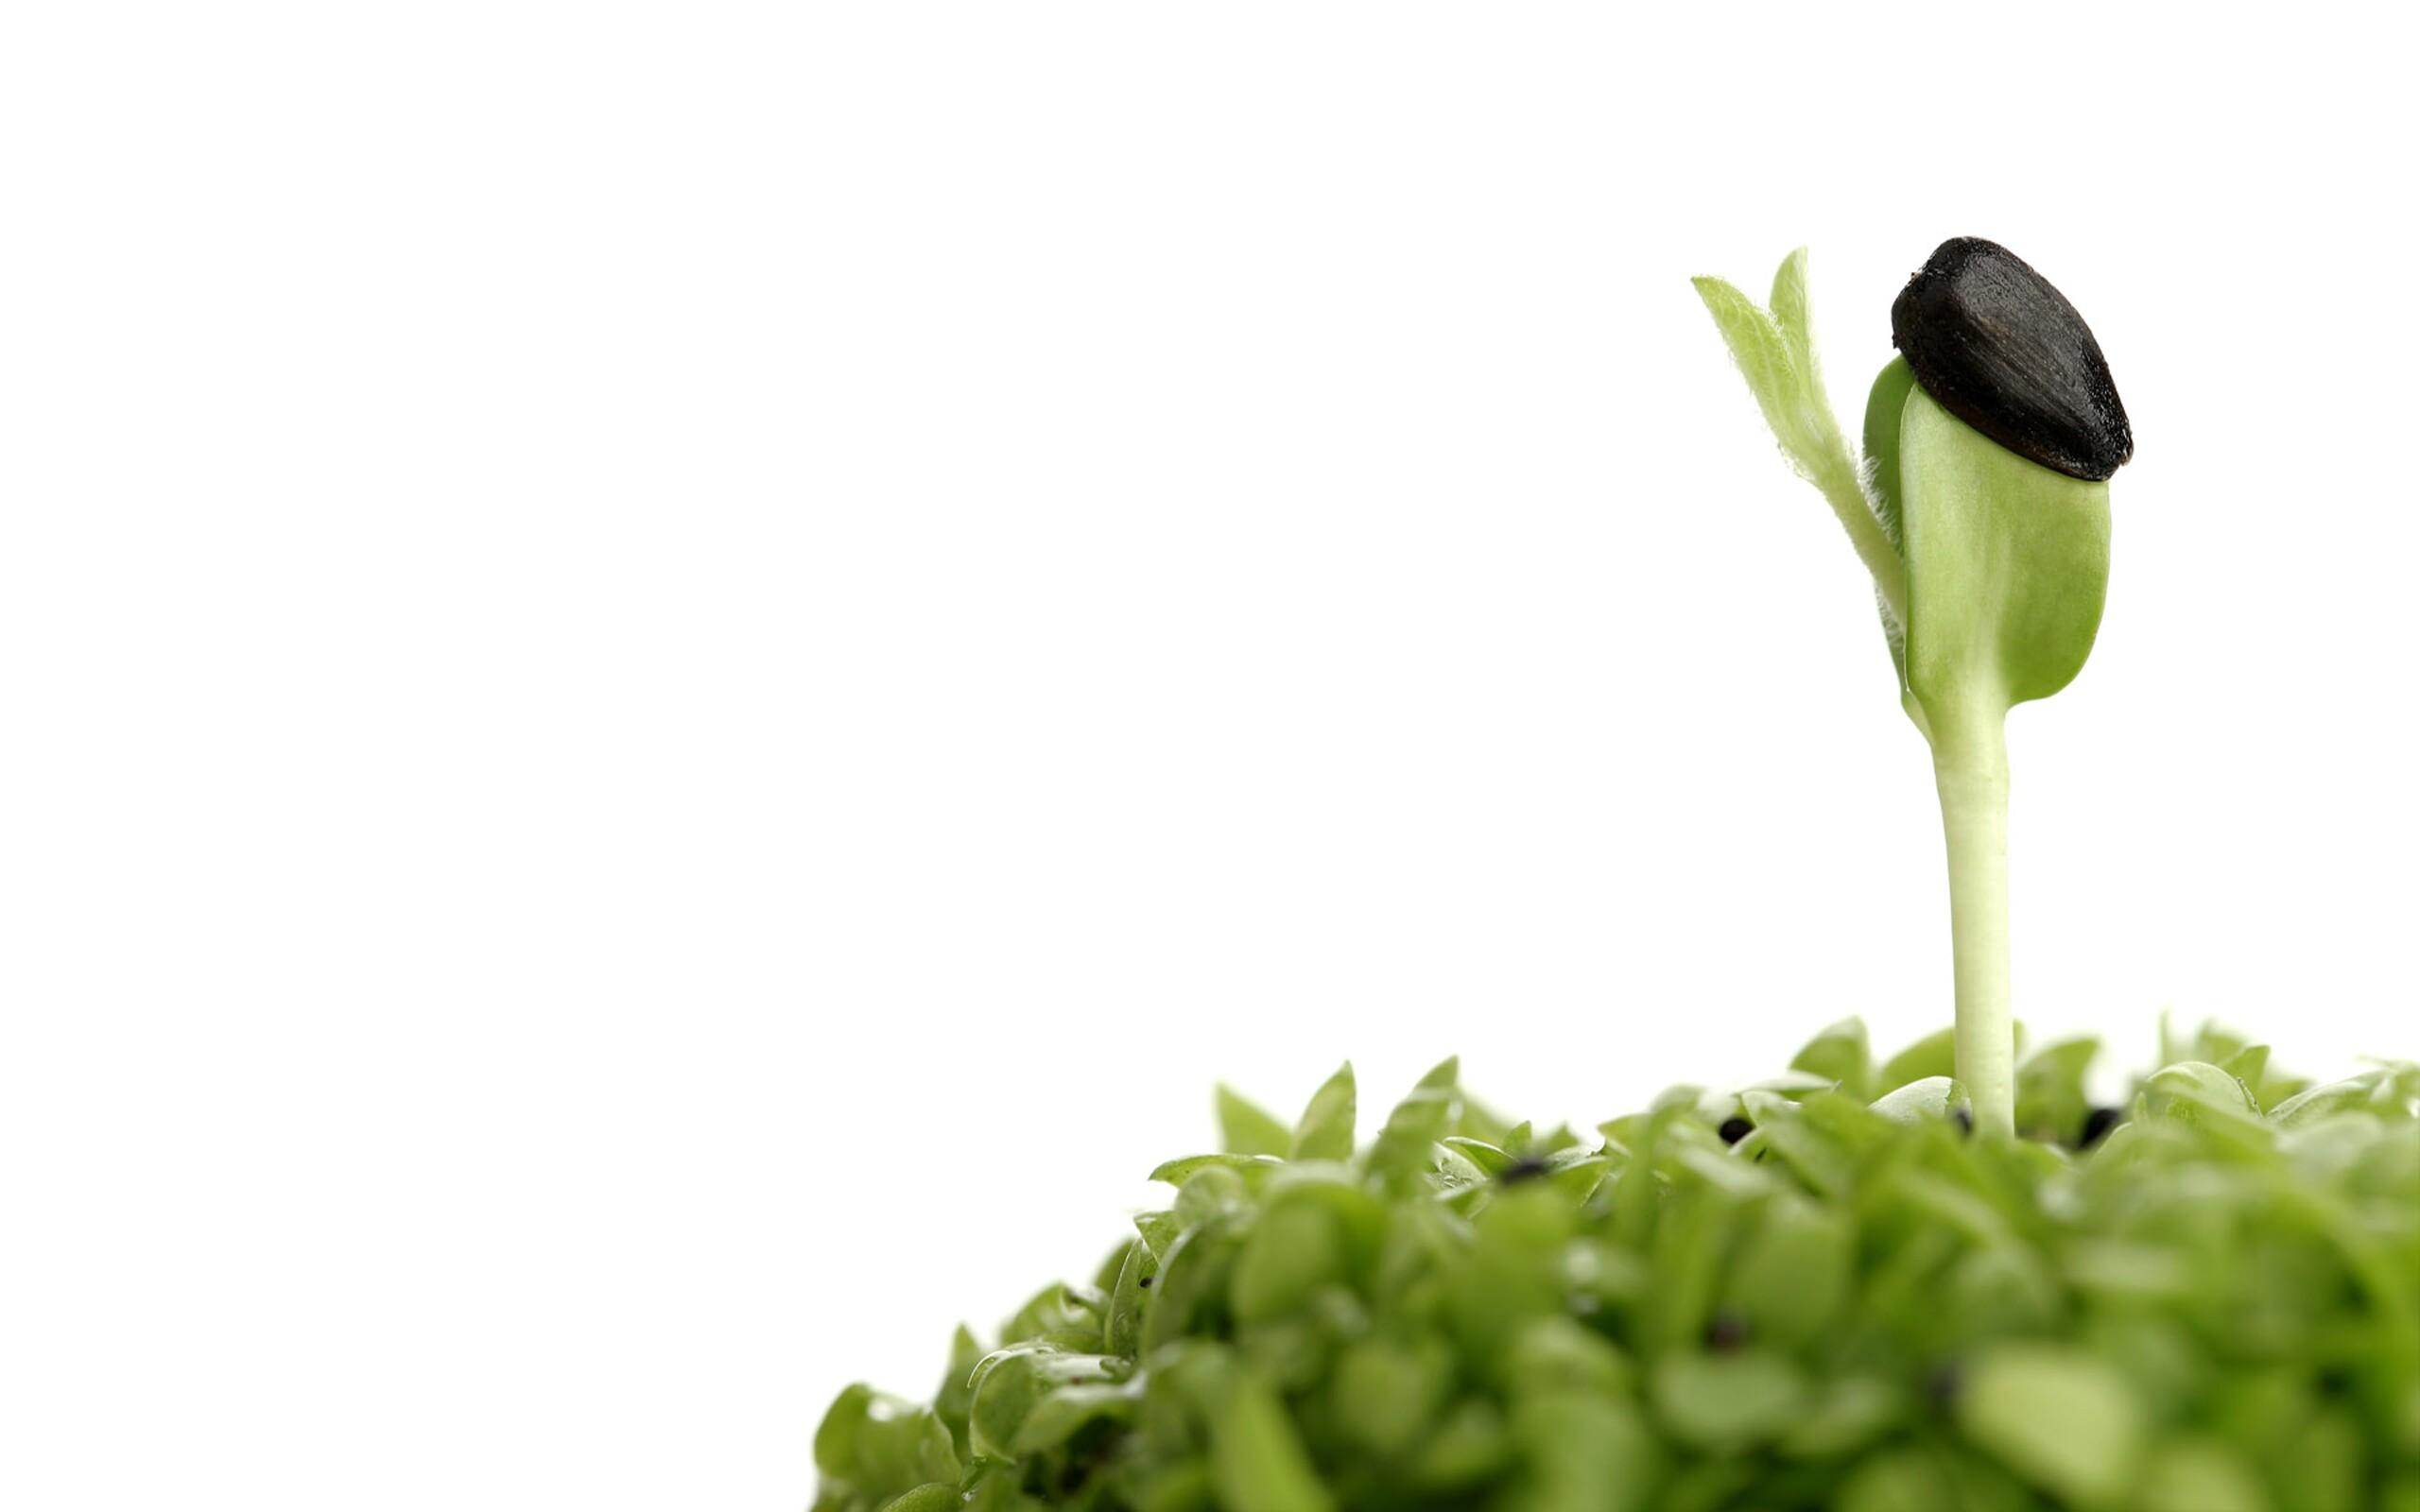 作物健康管理方案